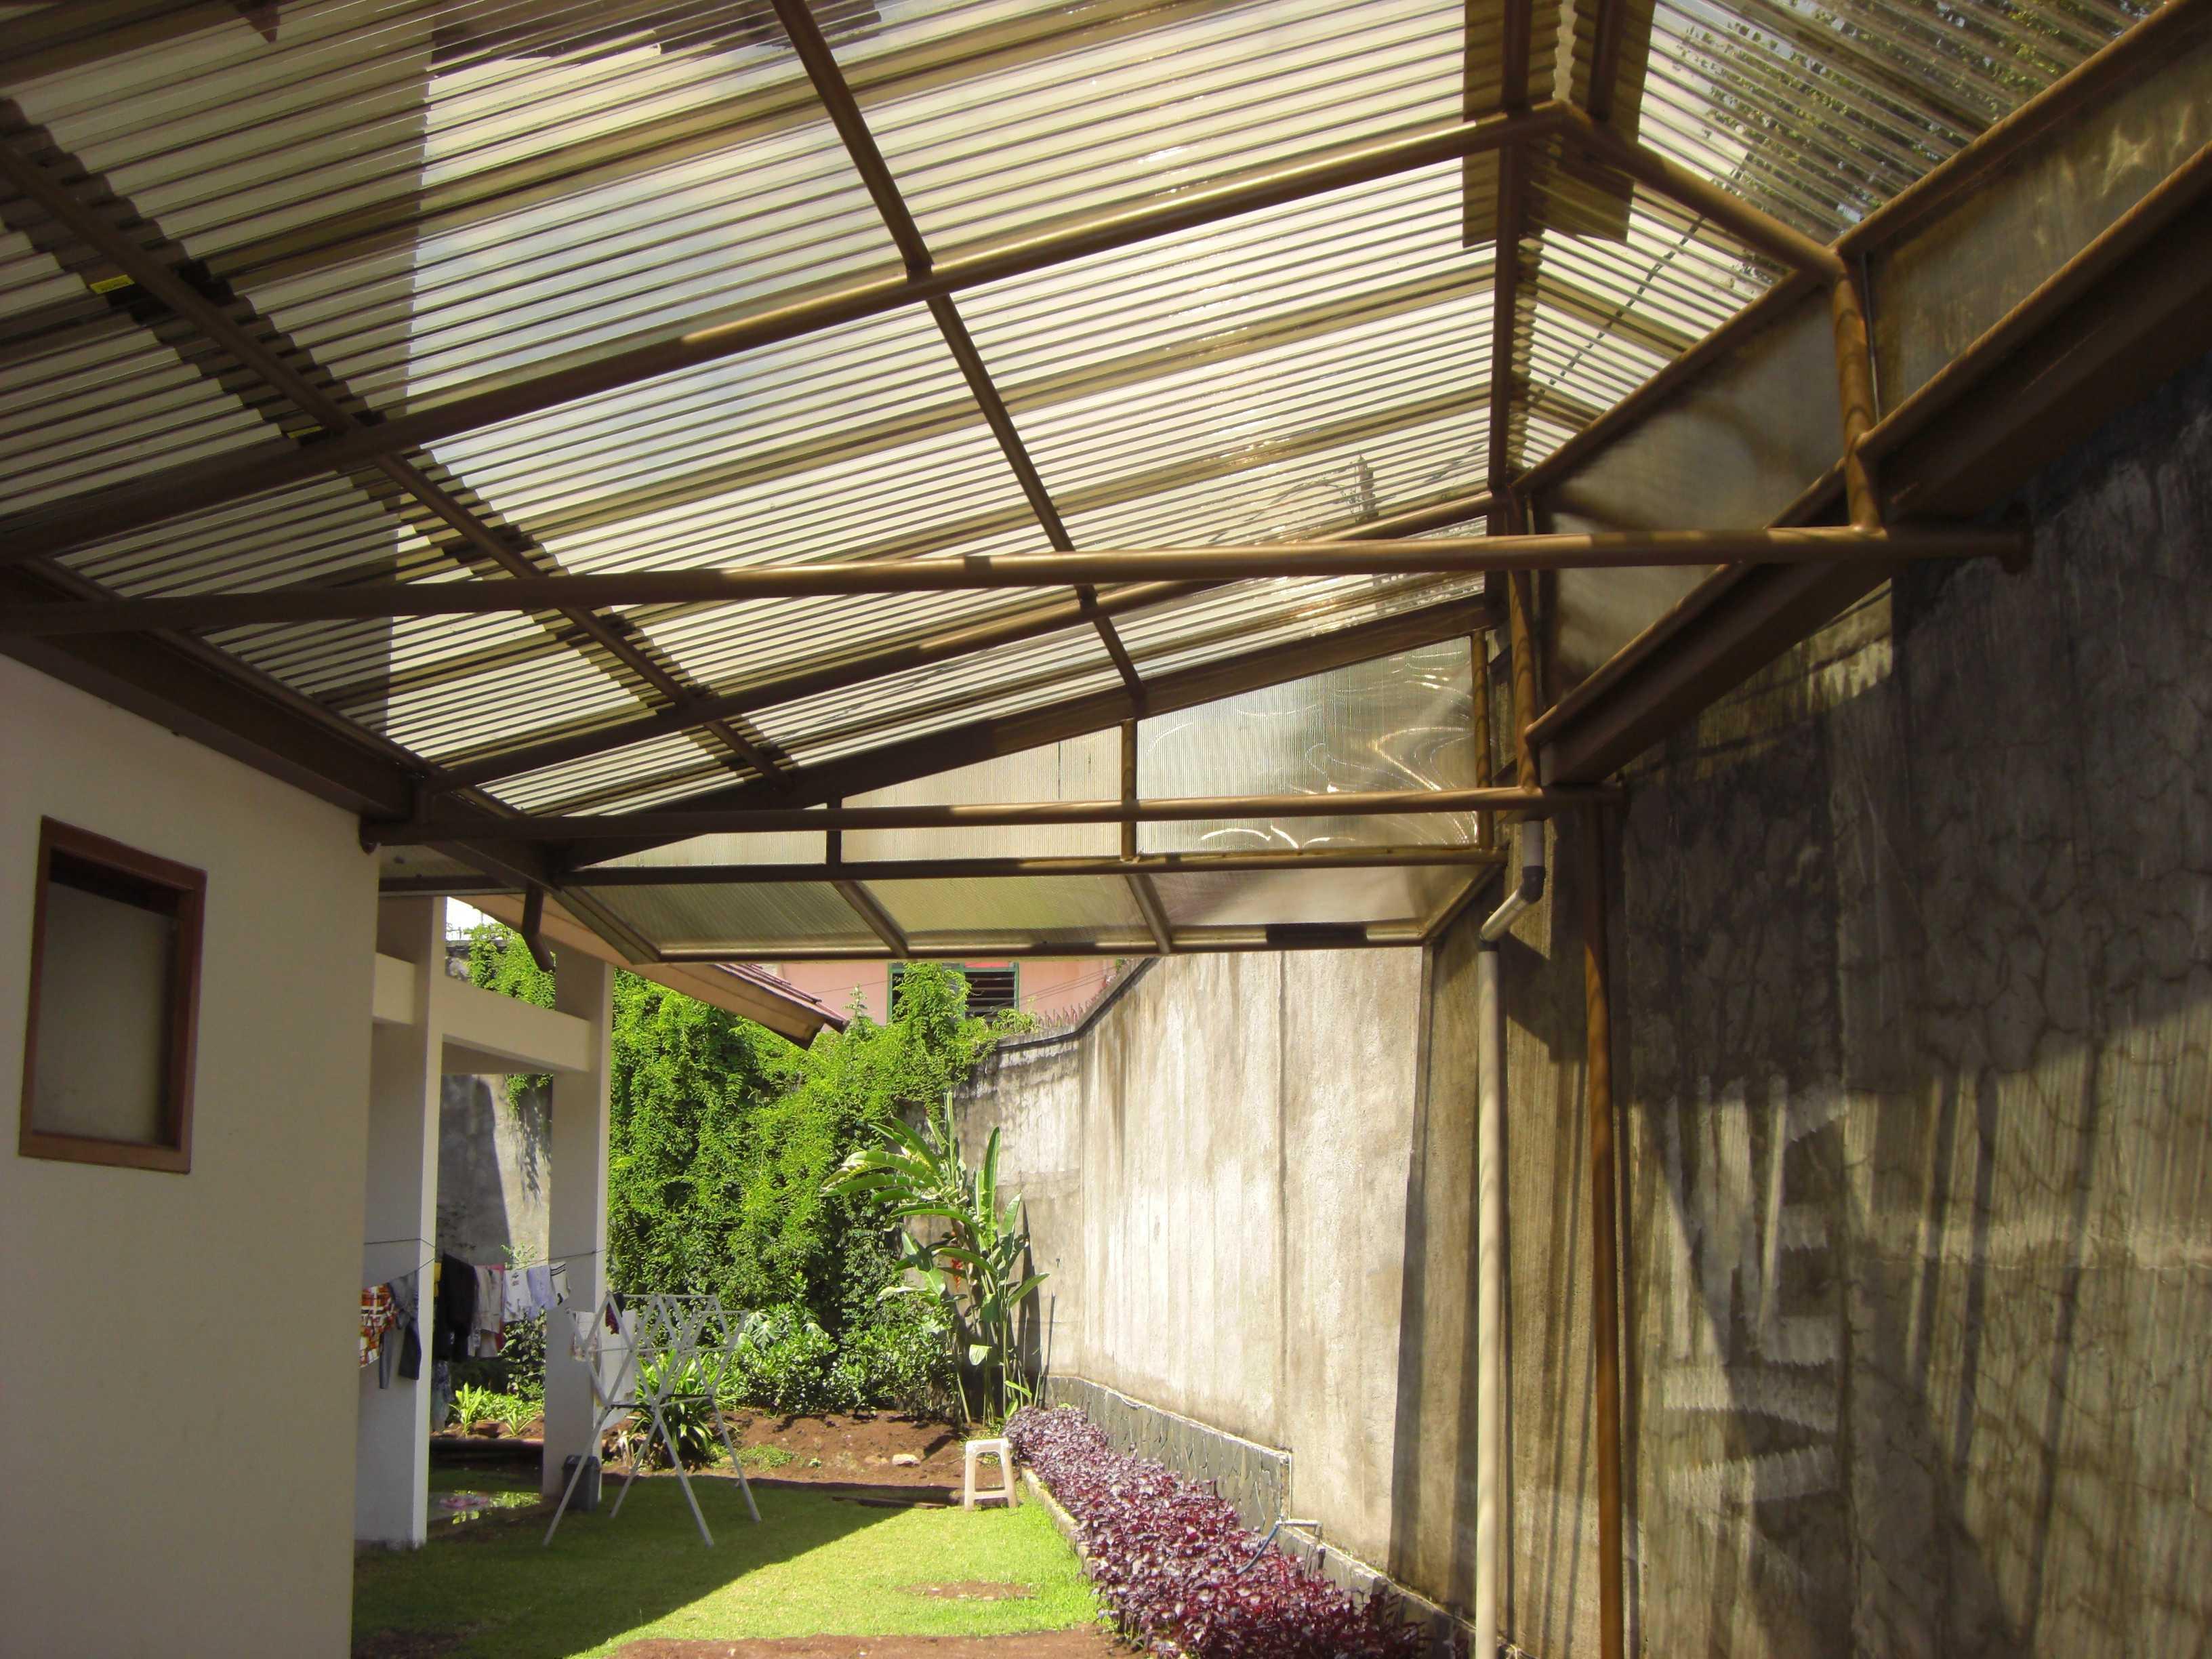 Archdesignbuild7 Project Atap Garasi Rumah Tinggal Jalan Sampoerna No 2 Bandung Jalan Sampoerna No 2 Bandung Detail Modern  16765